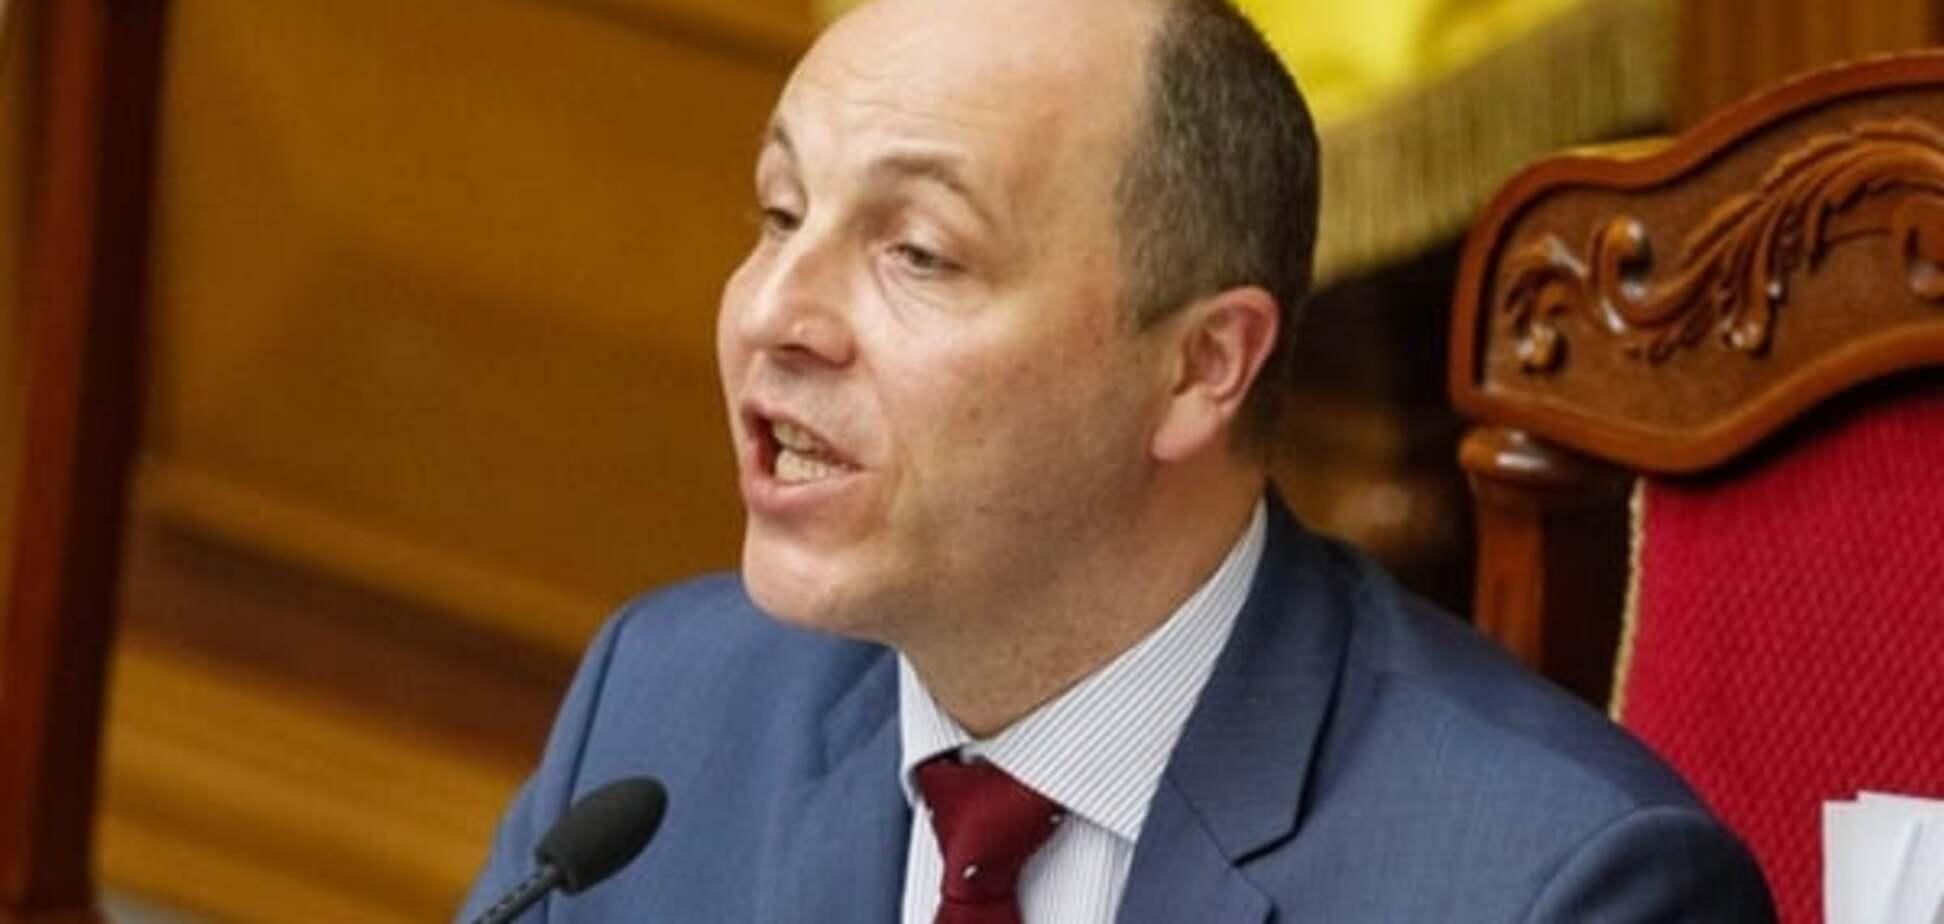 Розповів про 'російський слід': у ГПУ повторно допитали Парубія